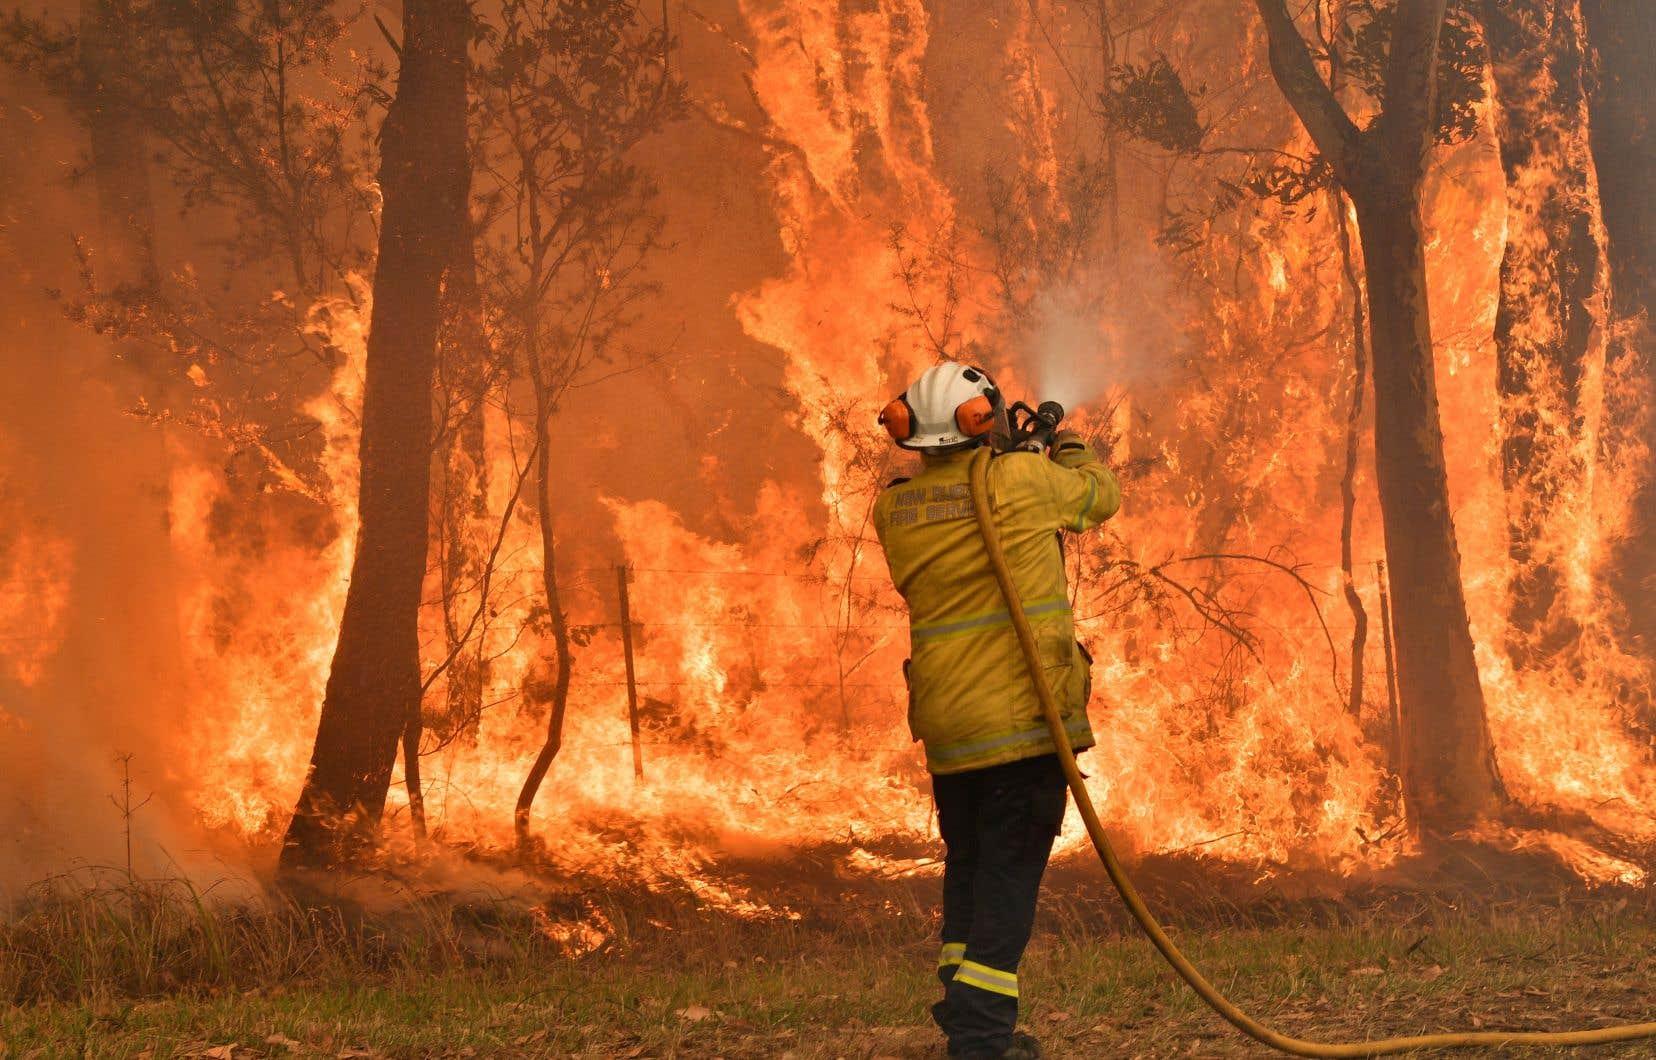 Un méga-incendie a été maîtrisé en début de semaine mais 150 foyers continuent de dévaster le pays continent.